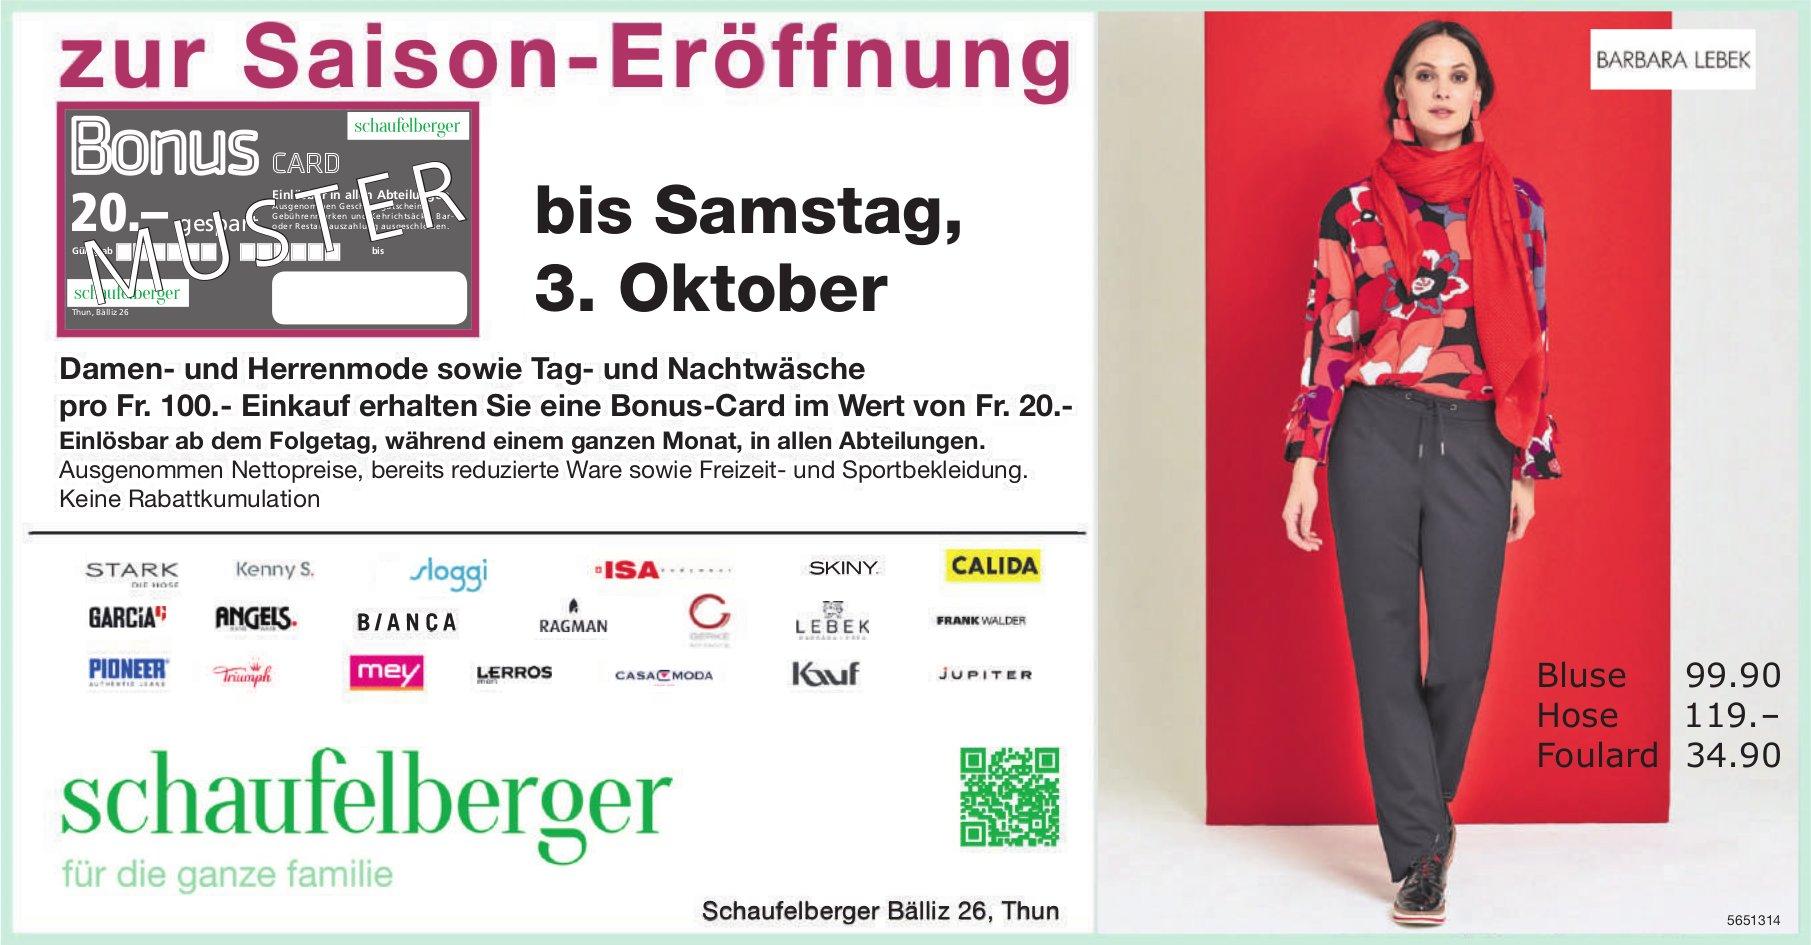 Bonus-Card zur Saison-Eröffnung, bis 3. Oktober, Schaufelberger, Thun